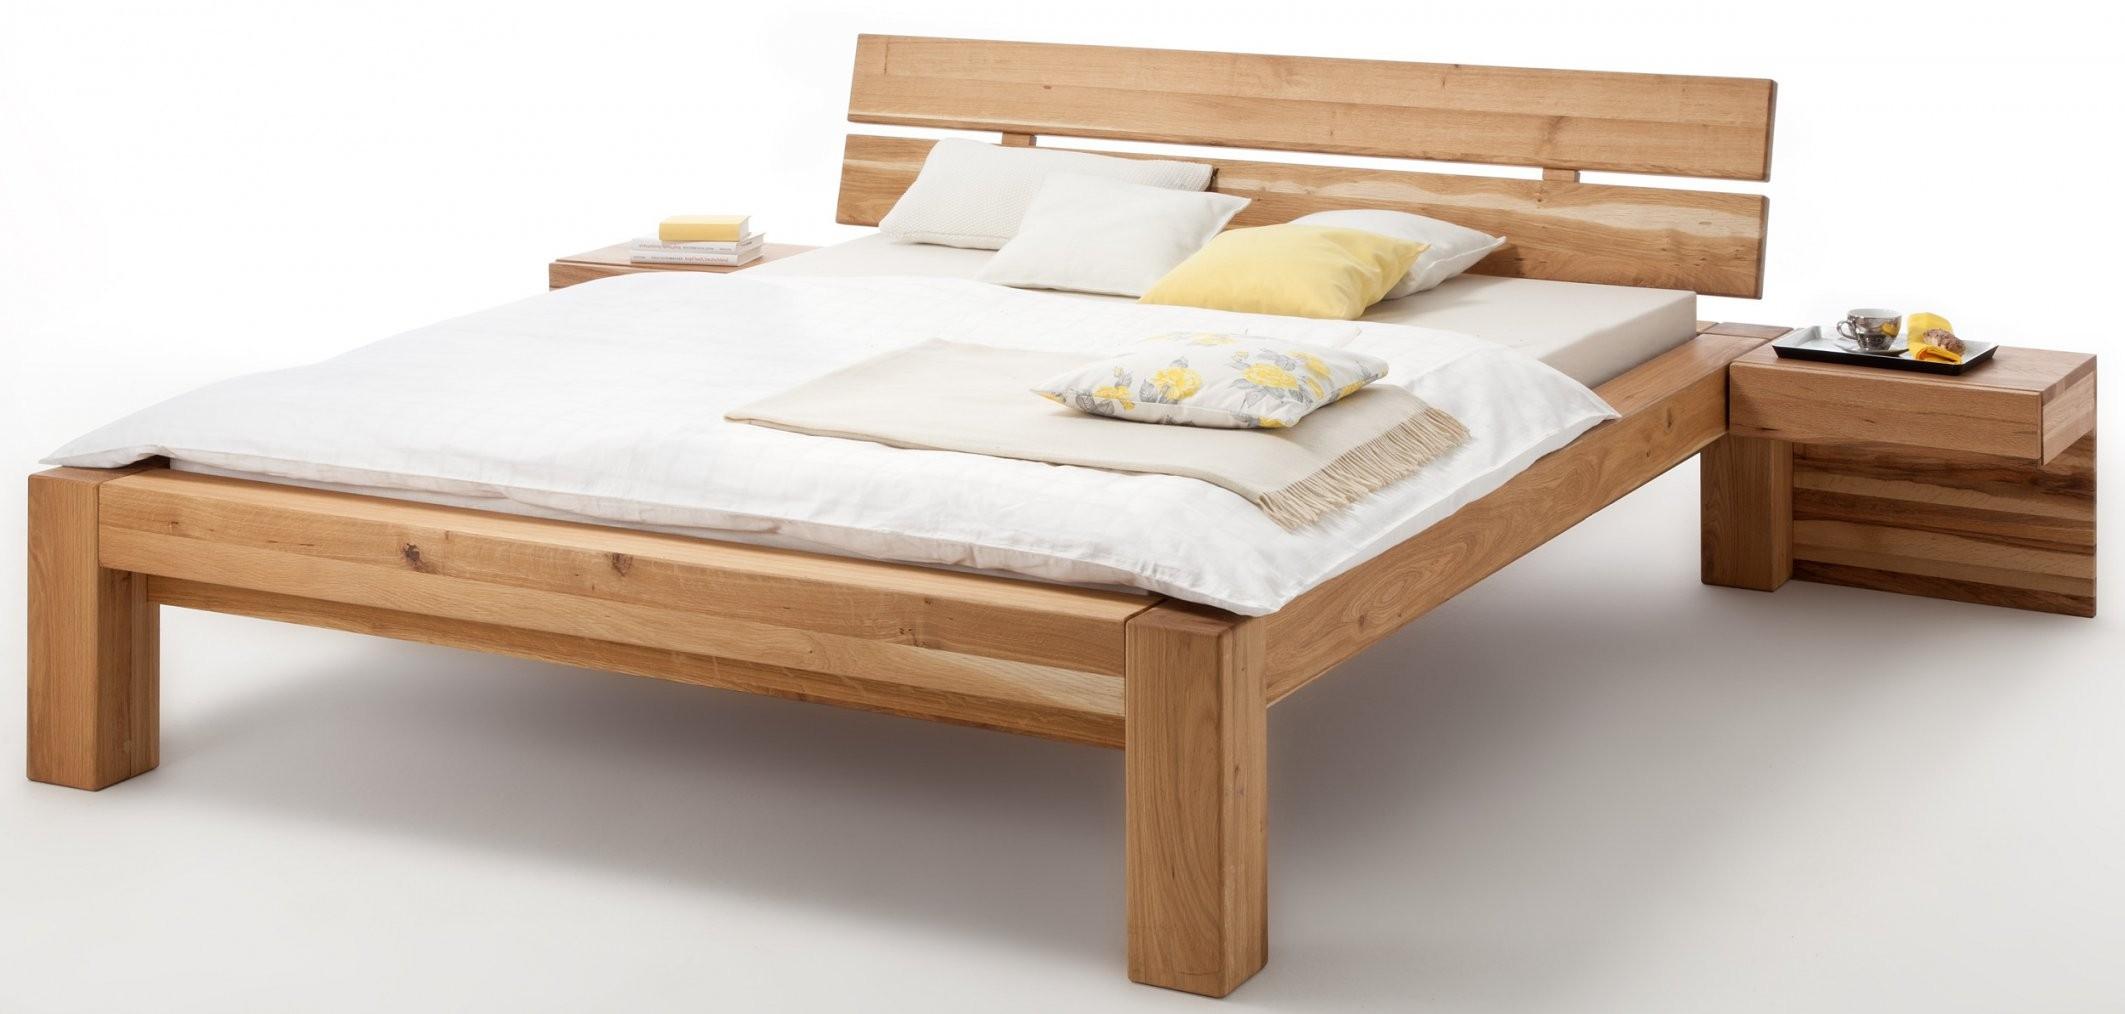 Holzbett 200X200 Verwirrend Auf Kreative Deko Ideen Für Ihre Aragona von Bett Eiche 200X200 Bild